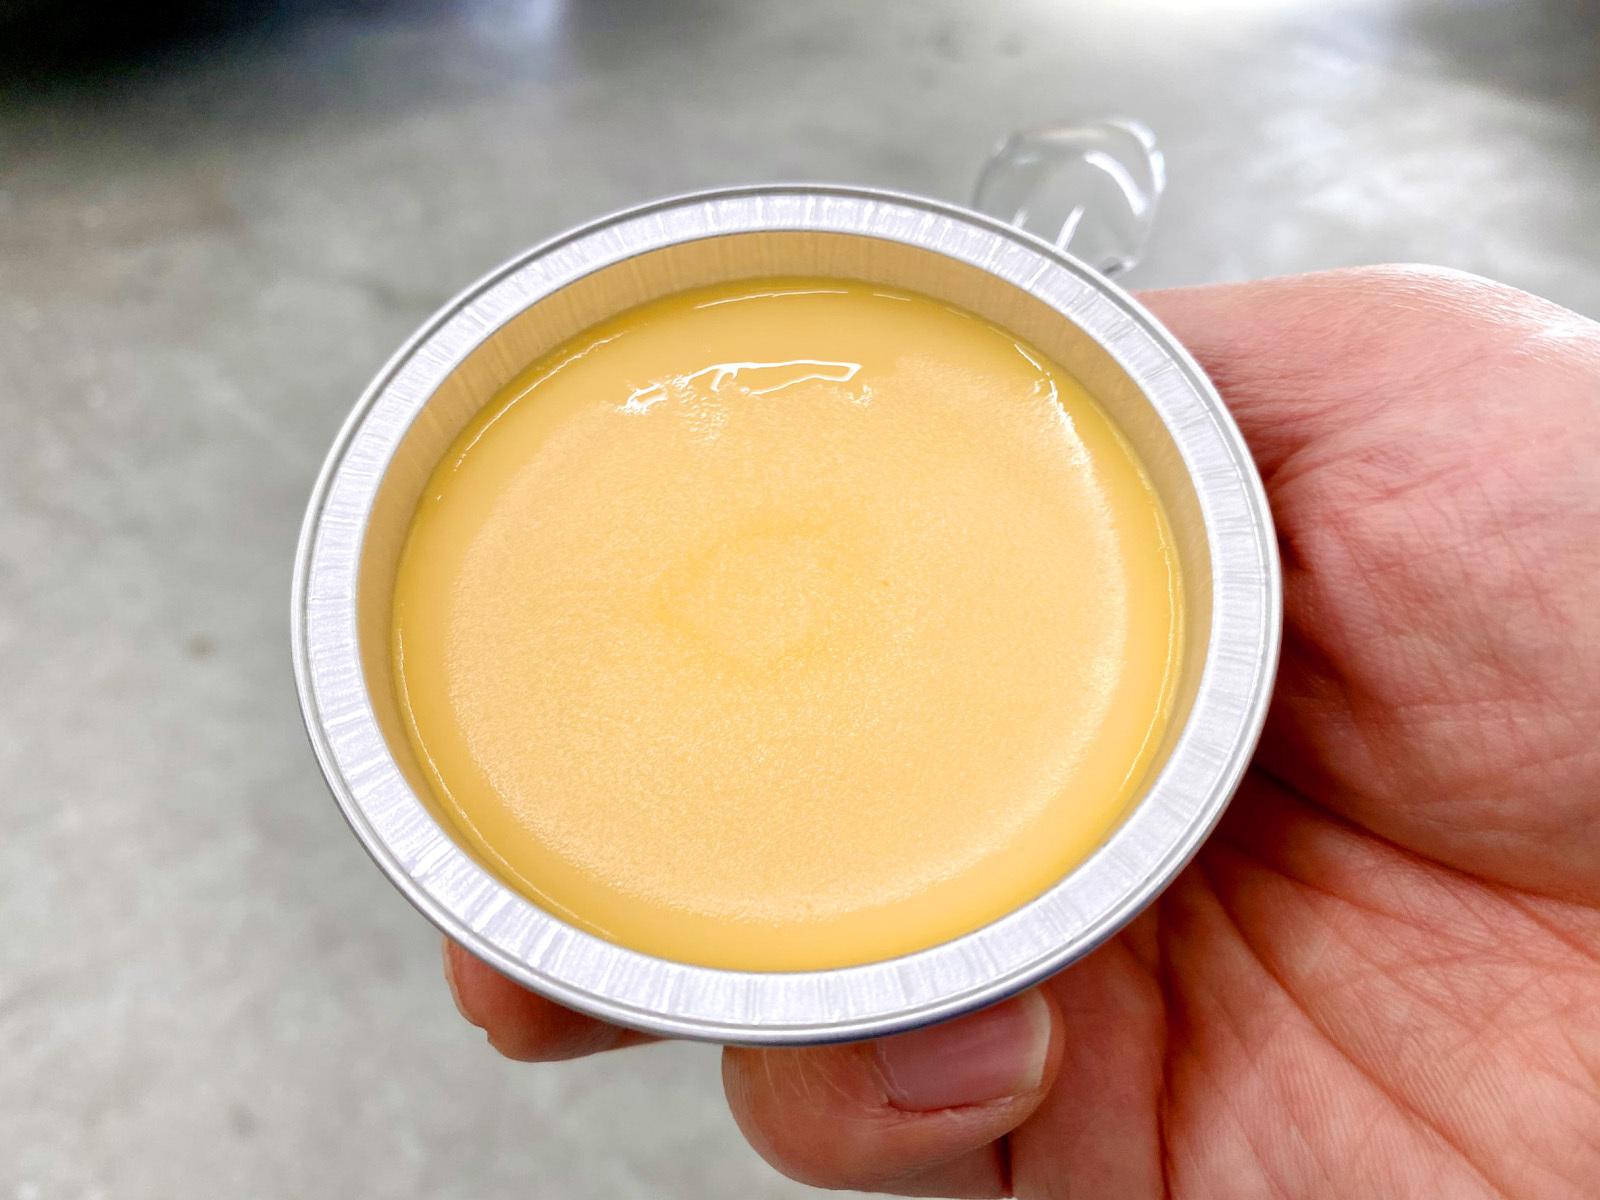 Richi & Creamy 02 レチェフラン プレーン